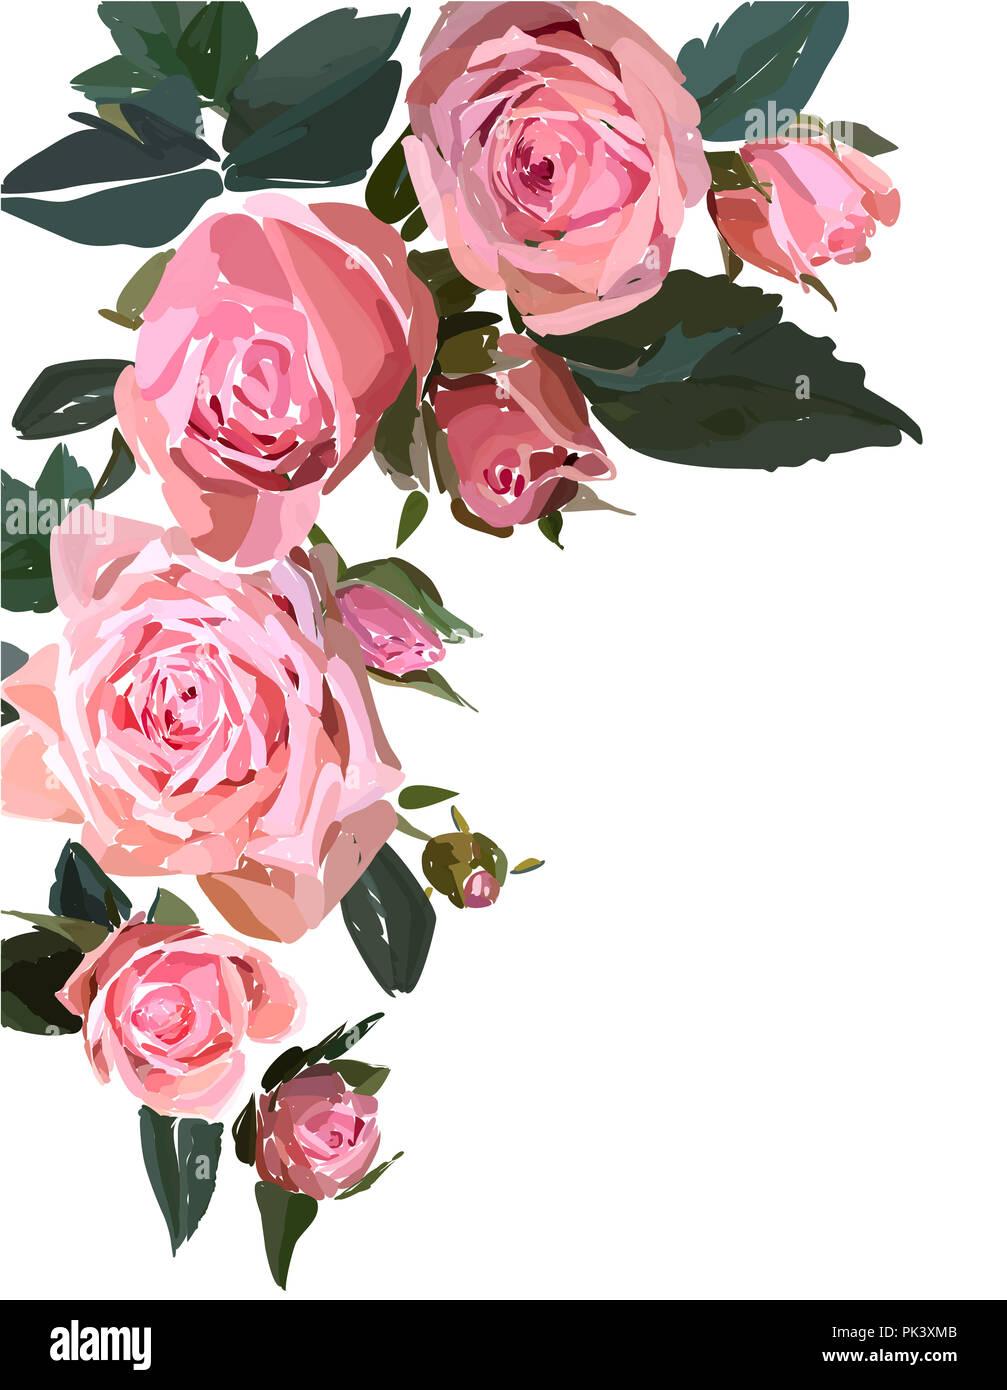 Floral Design Illustration Garden Flower Pink Rose Isolated